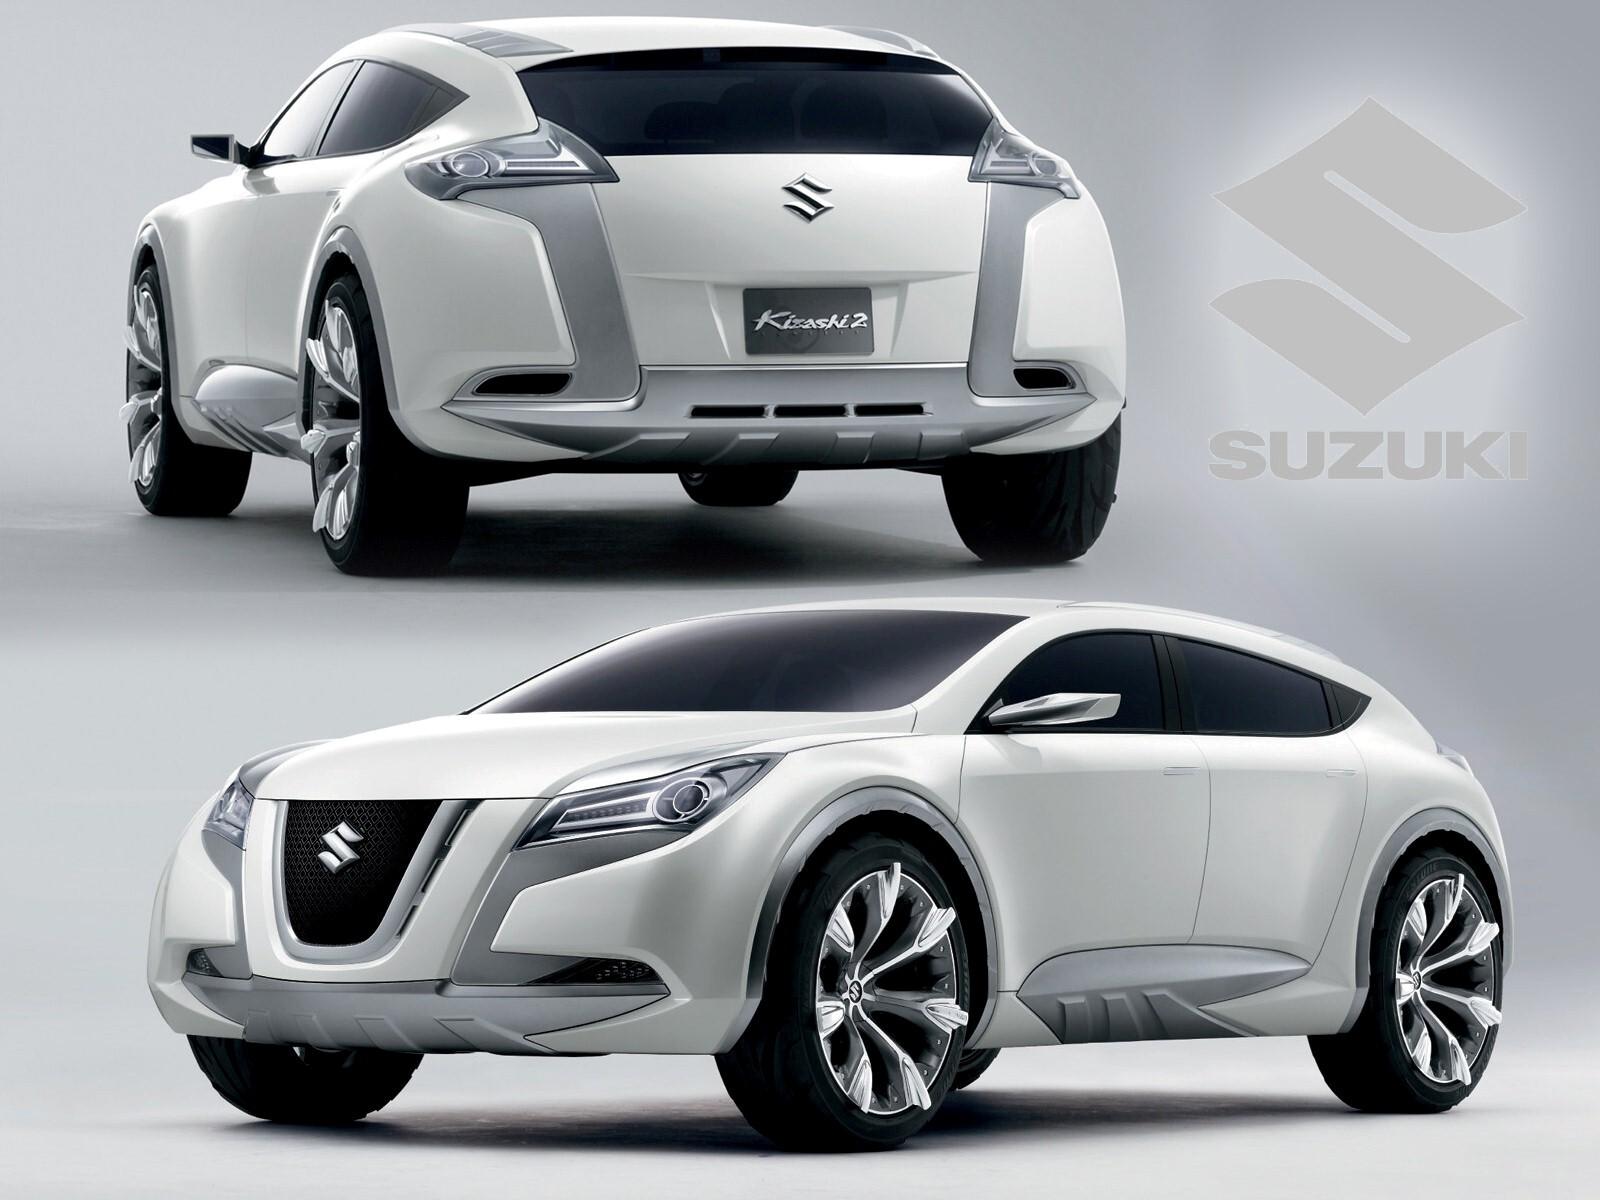 Suzuki Kizashi 2 Concept Car Hd Wallpapers